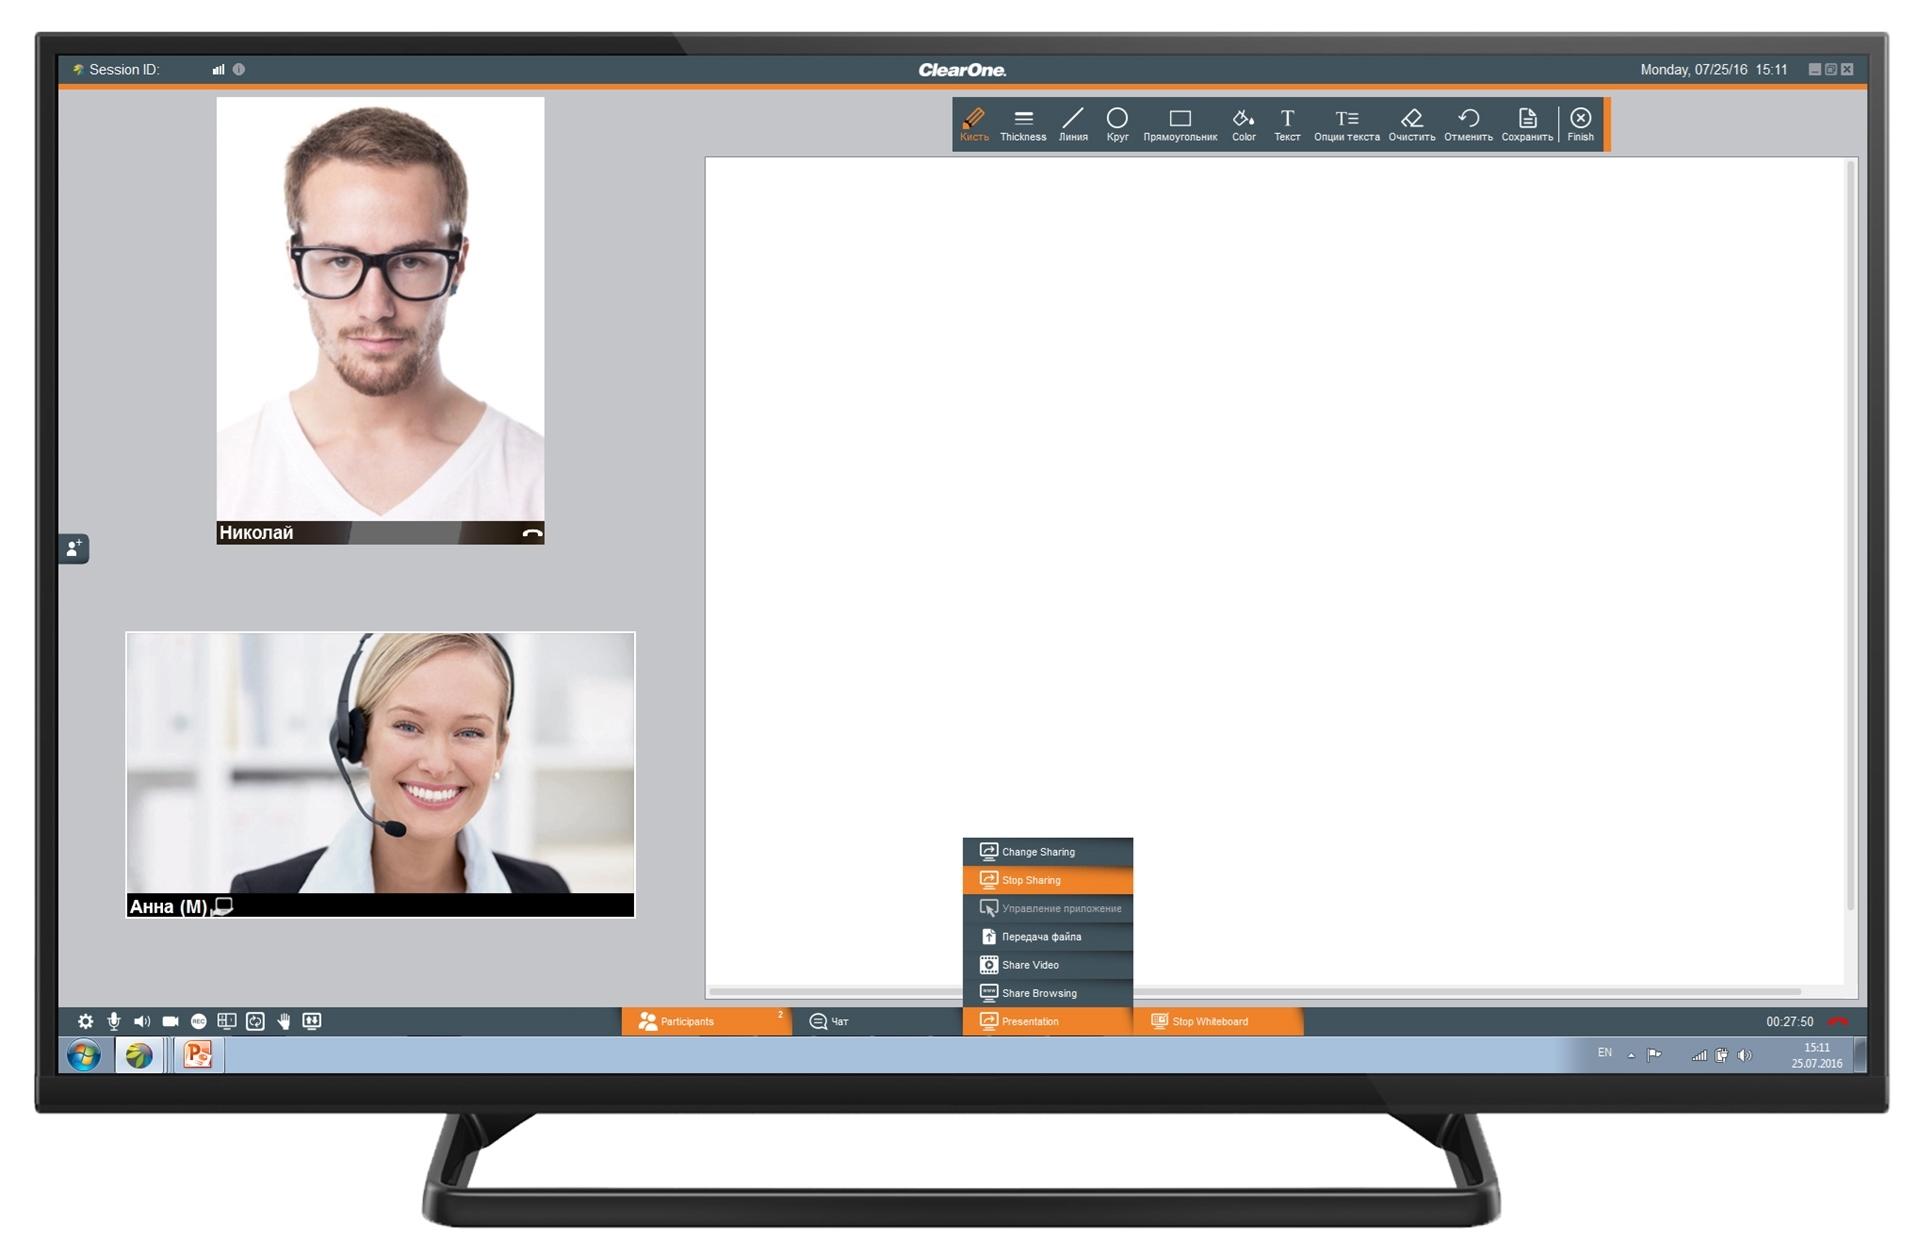 ClearOne Sp Pro 25 - Программный продукт Spontania Pro 25